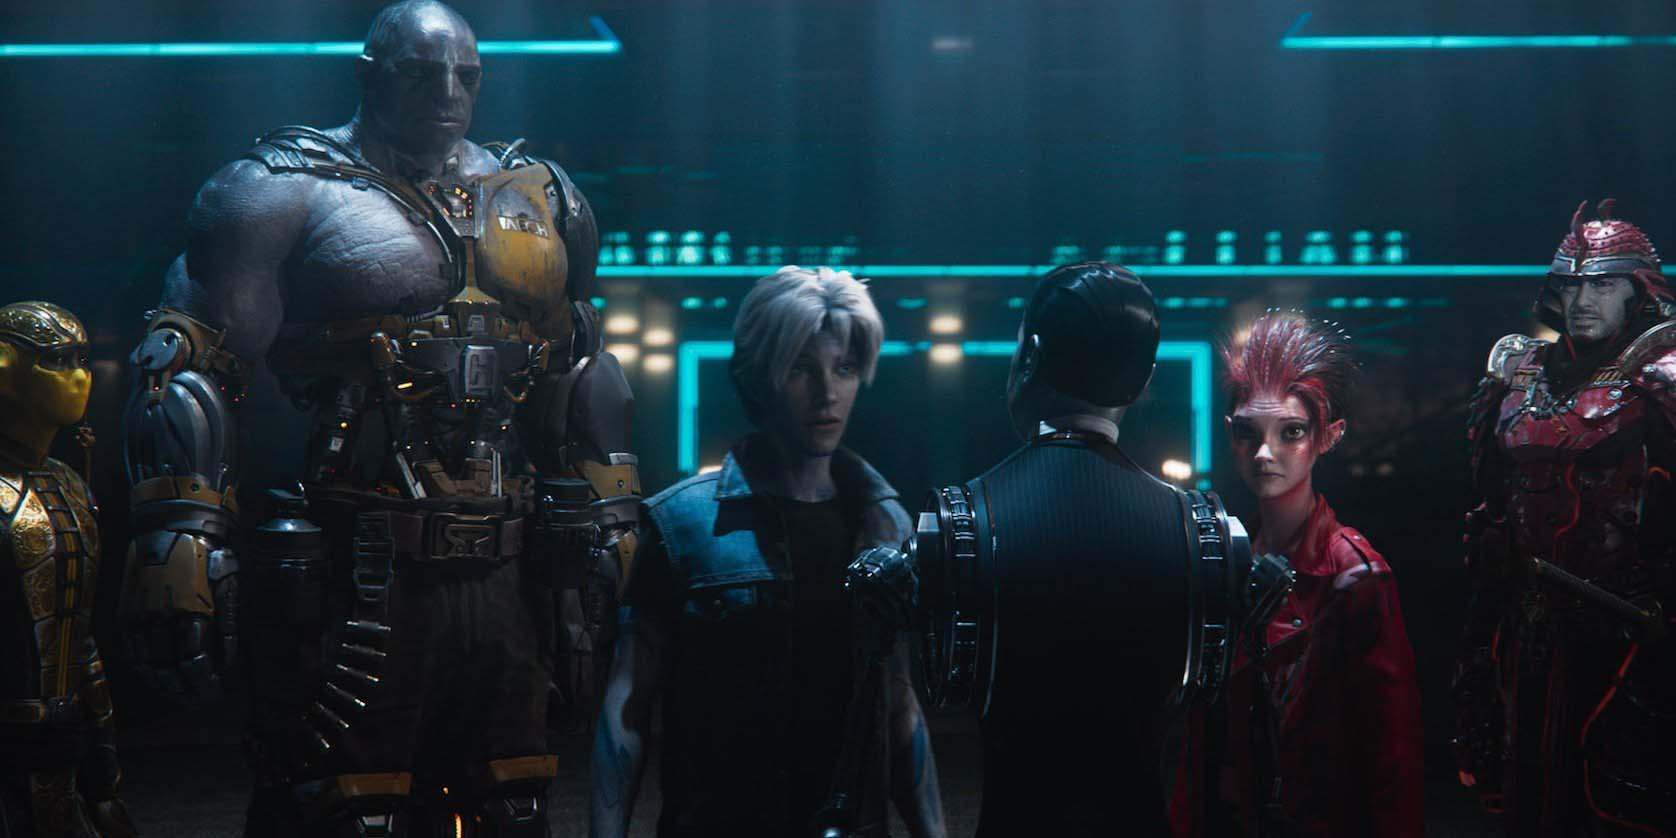 Personajes principales de la película